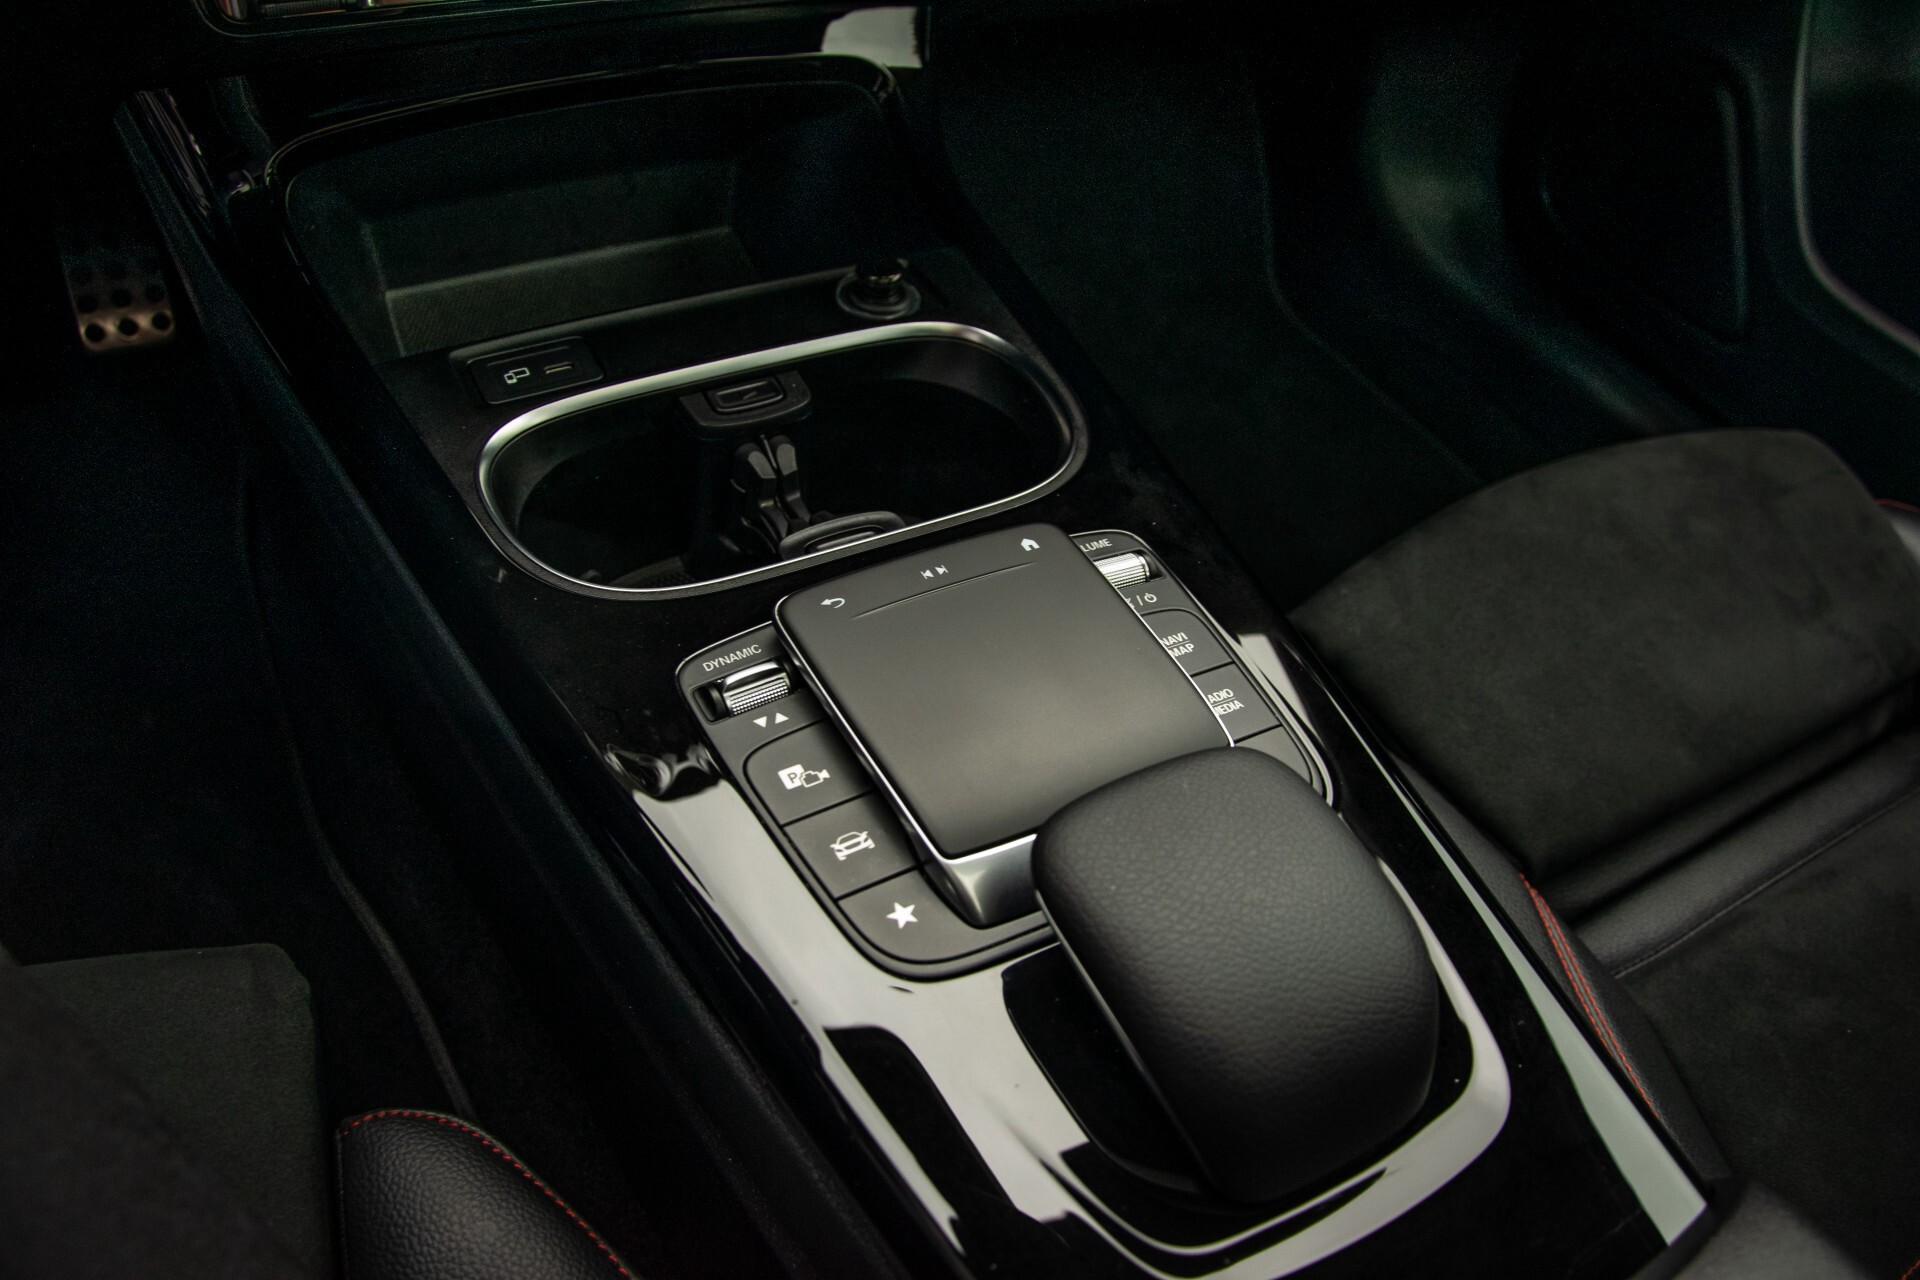 Mercedes-Benz A-Klasse 180 d AMG Panorama/MBUX/DAB/LED Aut7 Foto 20